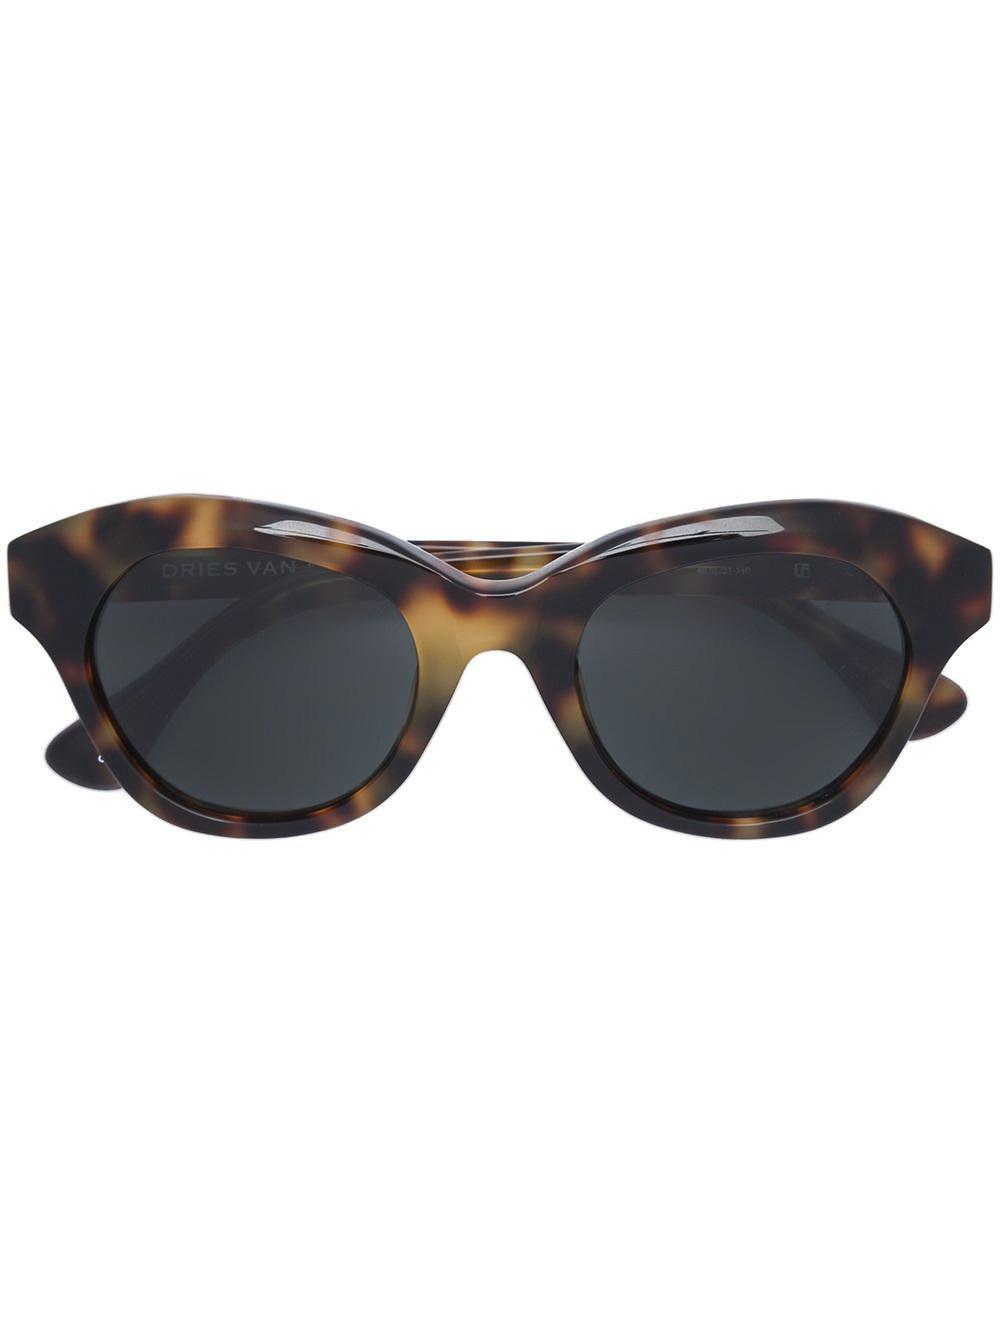 Dries Van Noten x Linda Farrow Blurred Leopard Print Sunglasses